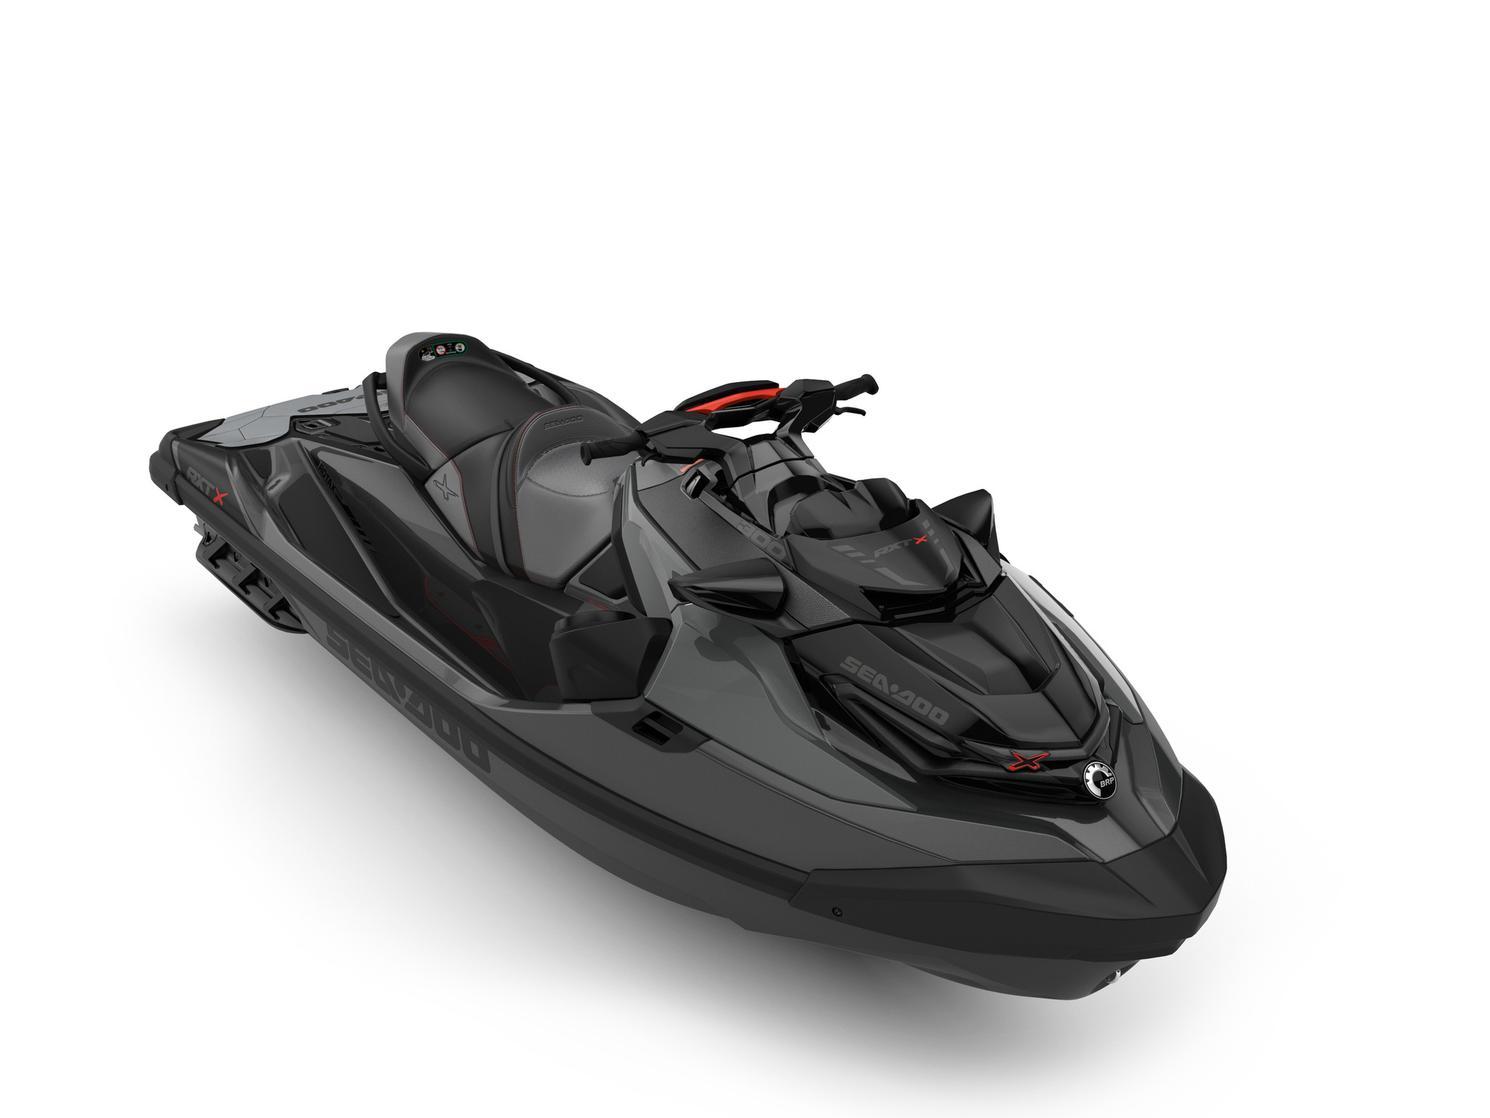 2022 Sea-Doo/BRP RXT-X 300 W/TECH PKG